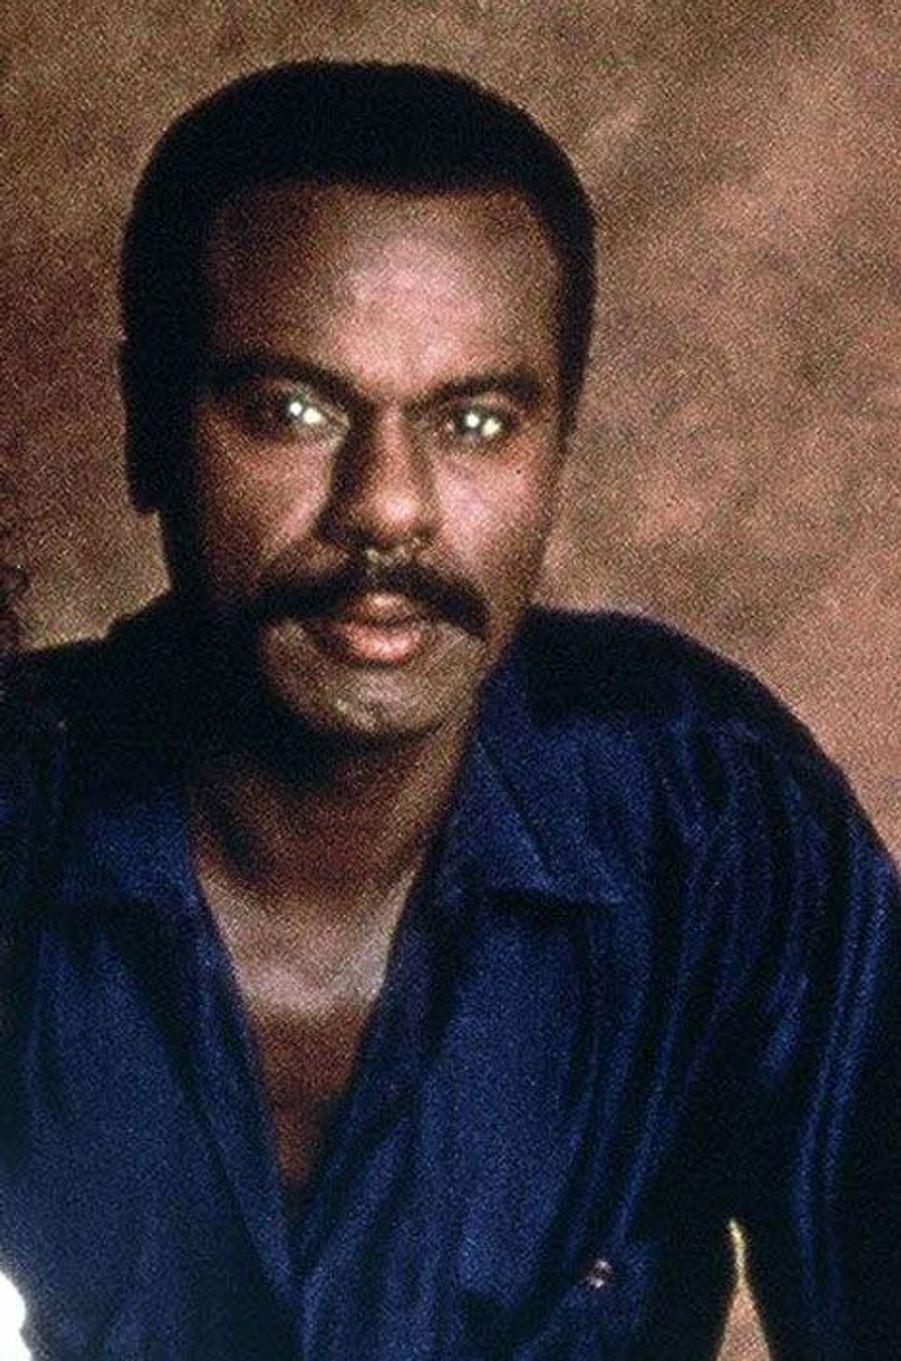 La fin de «21 Jump Street» n'a pas marqué la fin de la carrière pour Steven Williams. Il a incarné pendant huit ans Mr X, l'informateur énigmatique de Mulder, dans «X-Files». Il est également apparu dans «Docteur Quinn, femme médecin», «New York Police Blues», «Veronica Mars» ou encore «Desperate Housewives» et «Supernatural». Au cinéma, il a joué dans «The Call» et«Jack, le chasseur de géants».